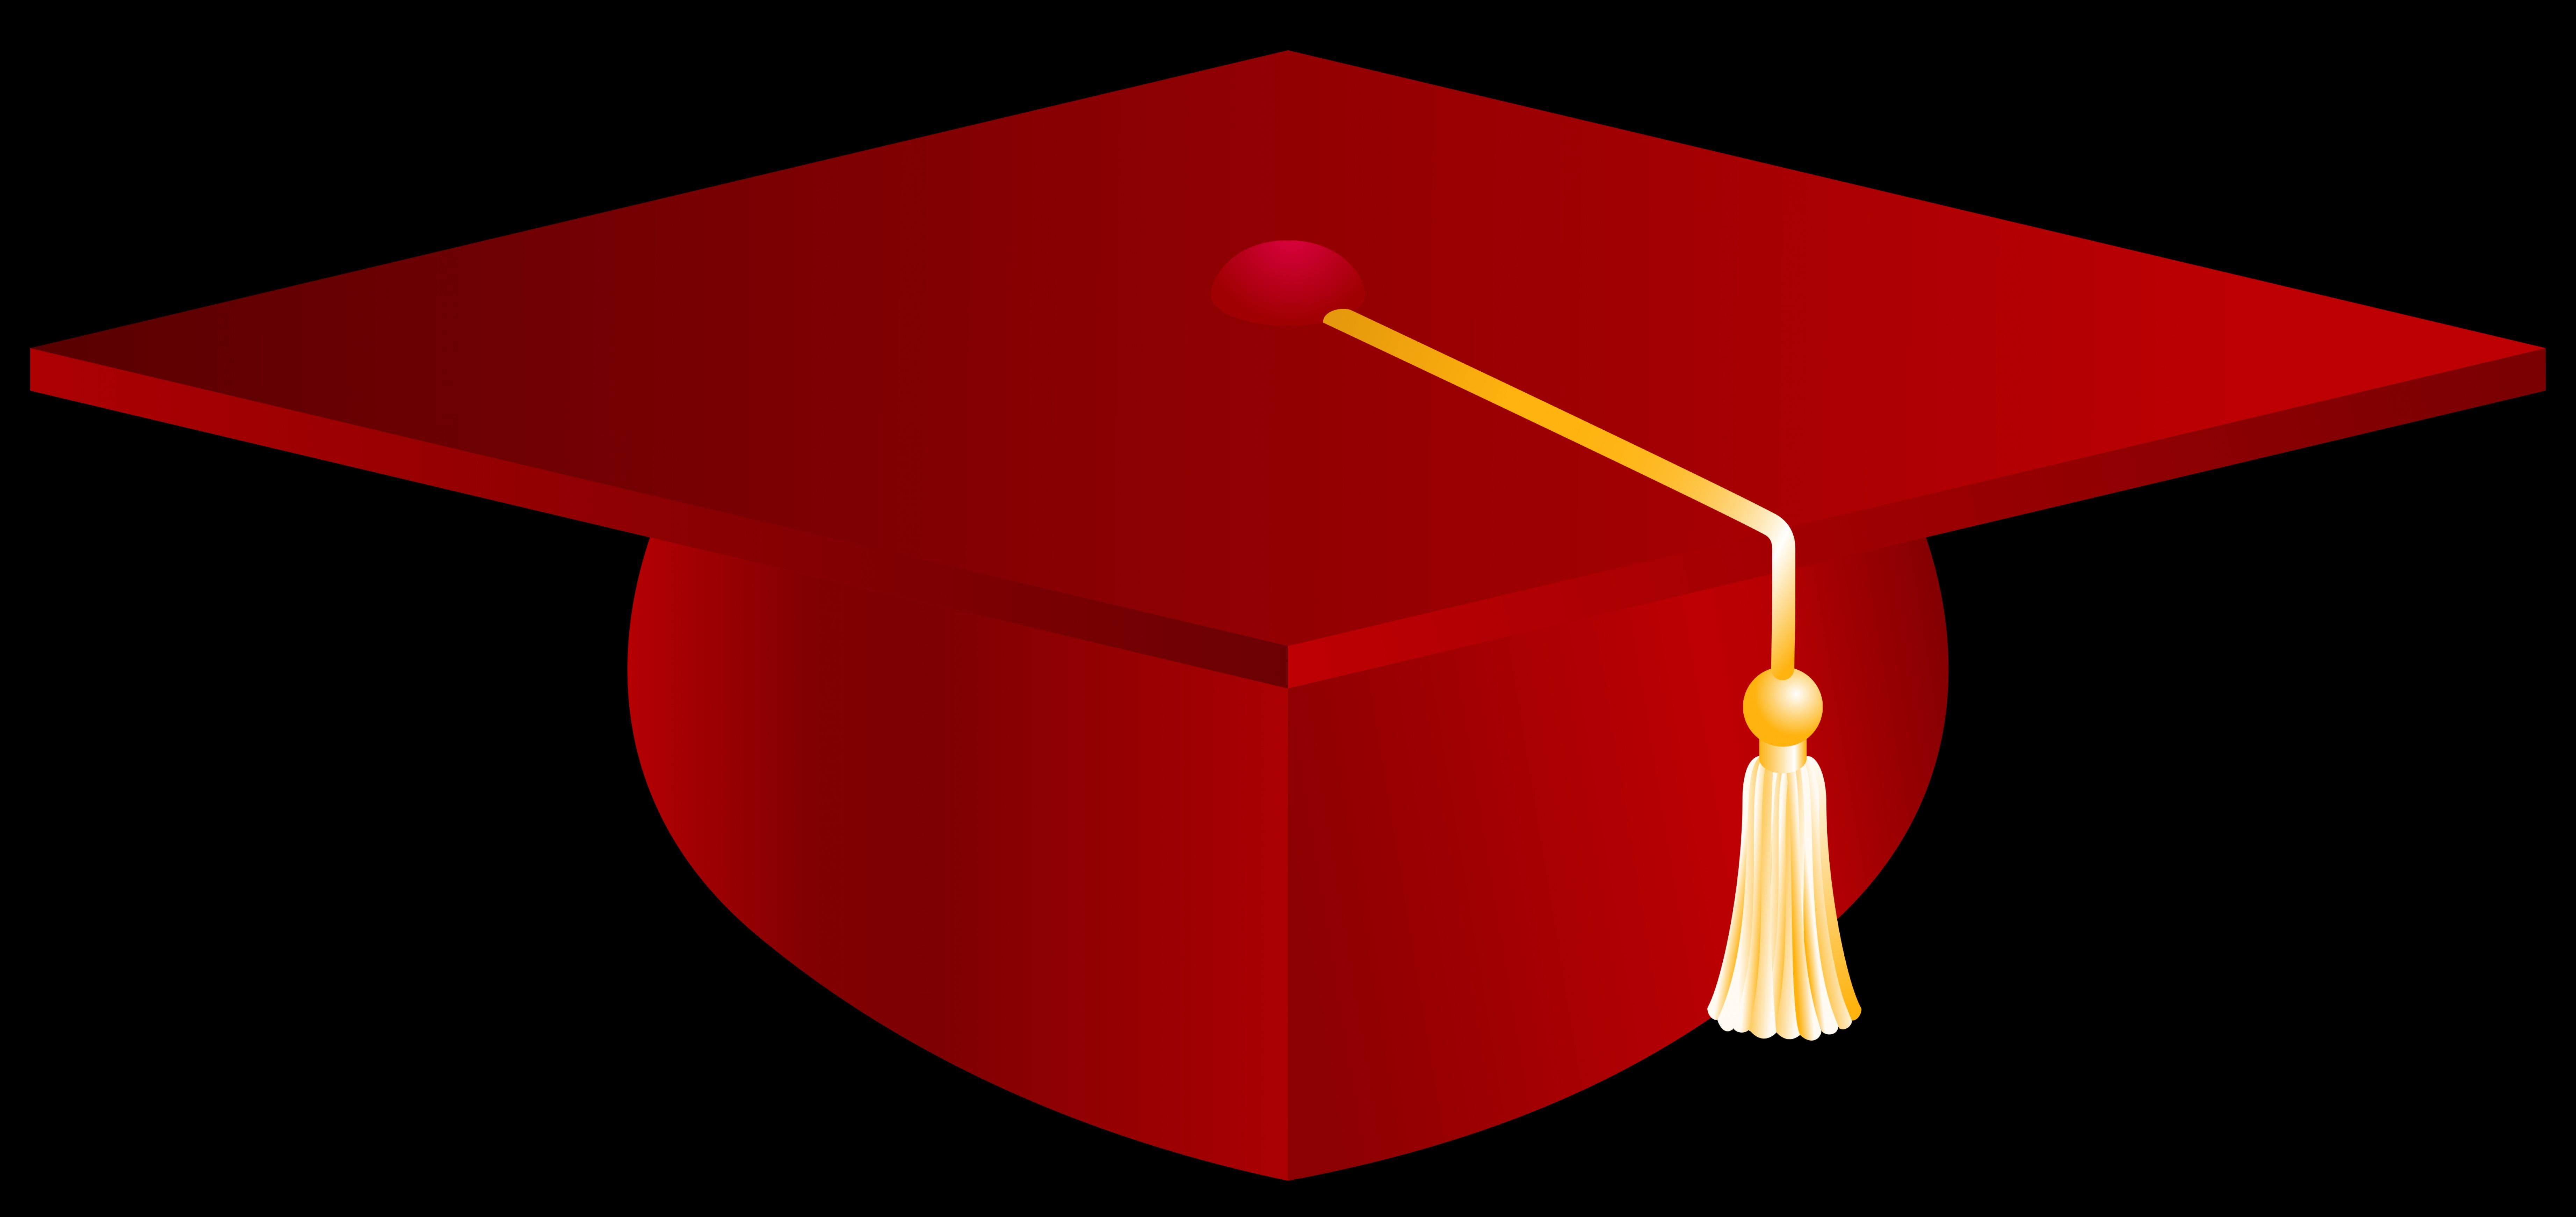 Red Graduation Cap Png Vector Clipart Image.